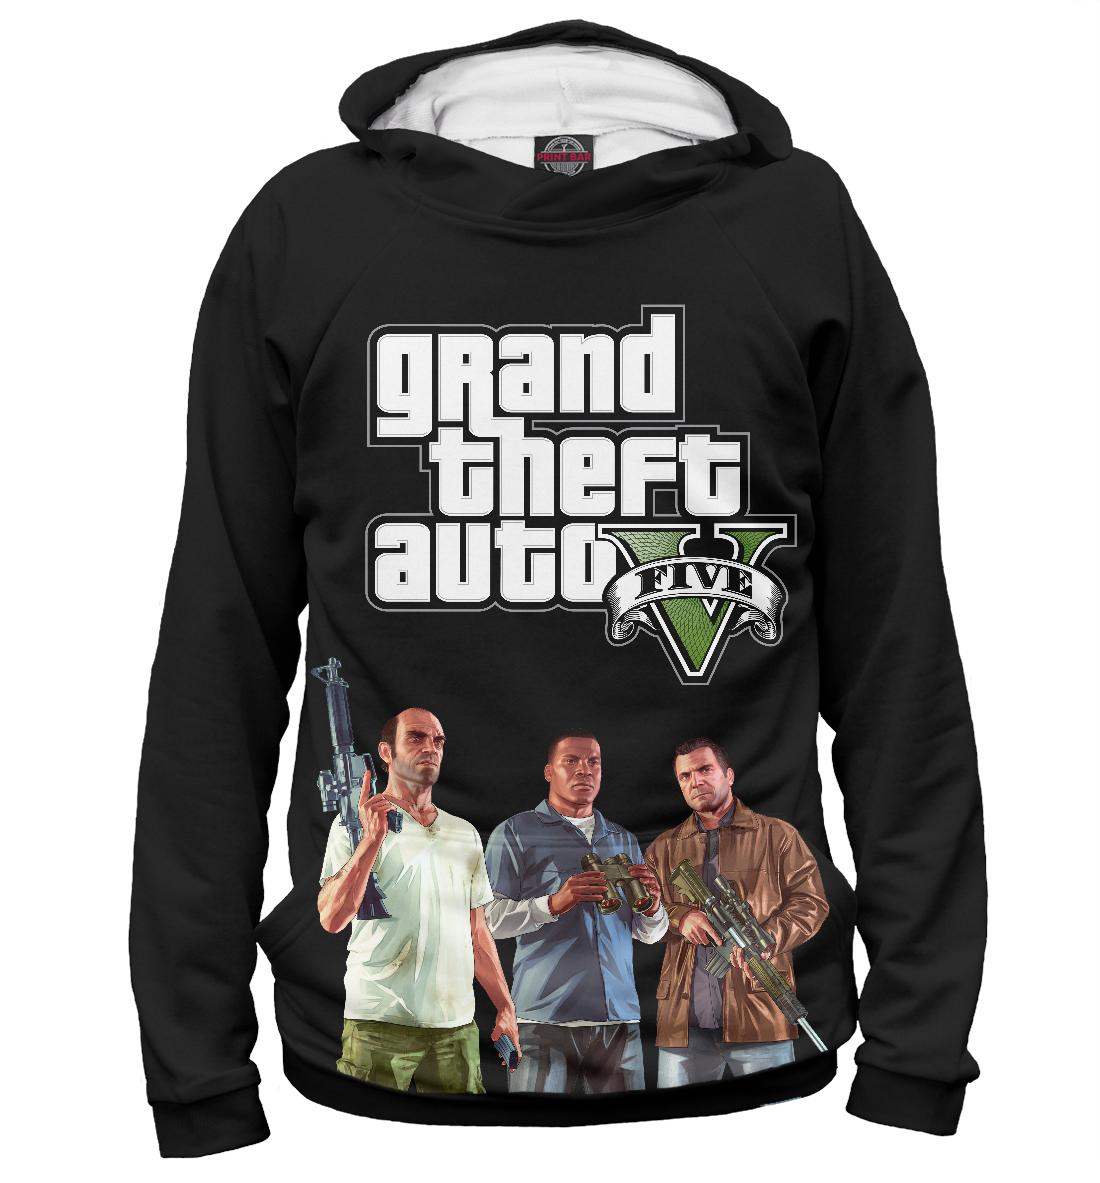 Купить Персонажи GTA 5, Printbar, Худи, ROC-893420-hud-1